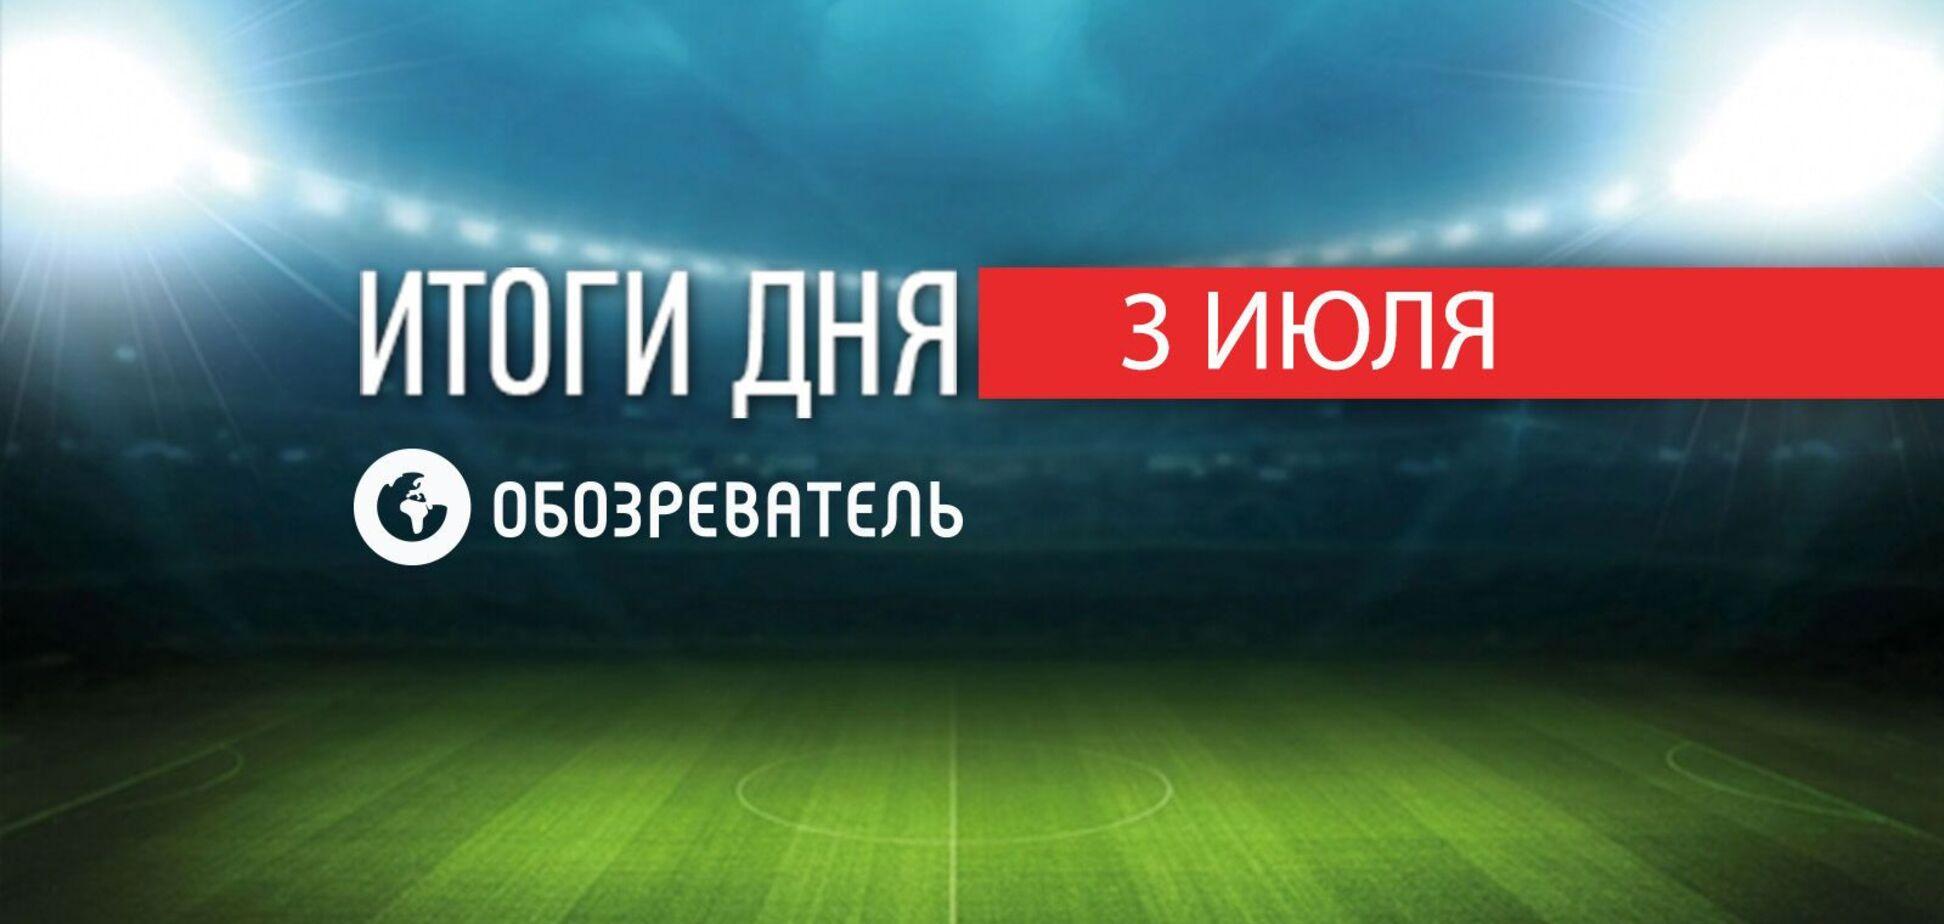 Збірна України розгромно програла Англії на Євро-2020: спортивні підсумки 3 липня